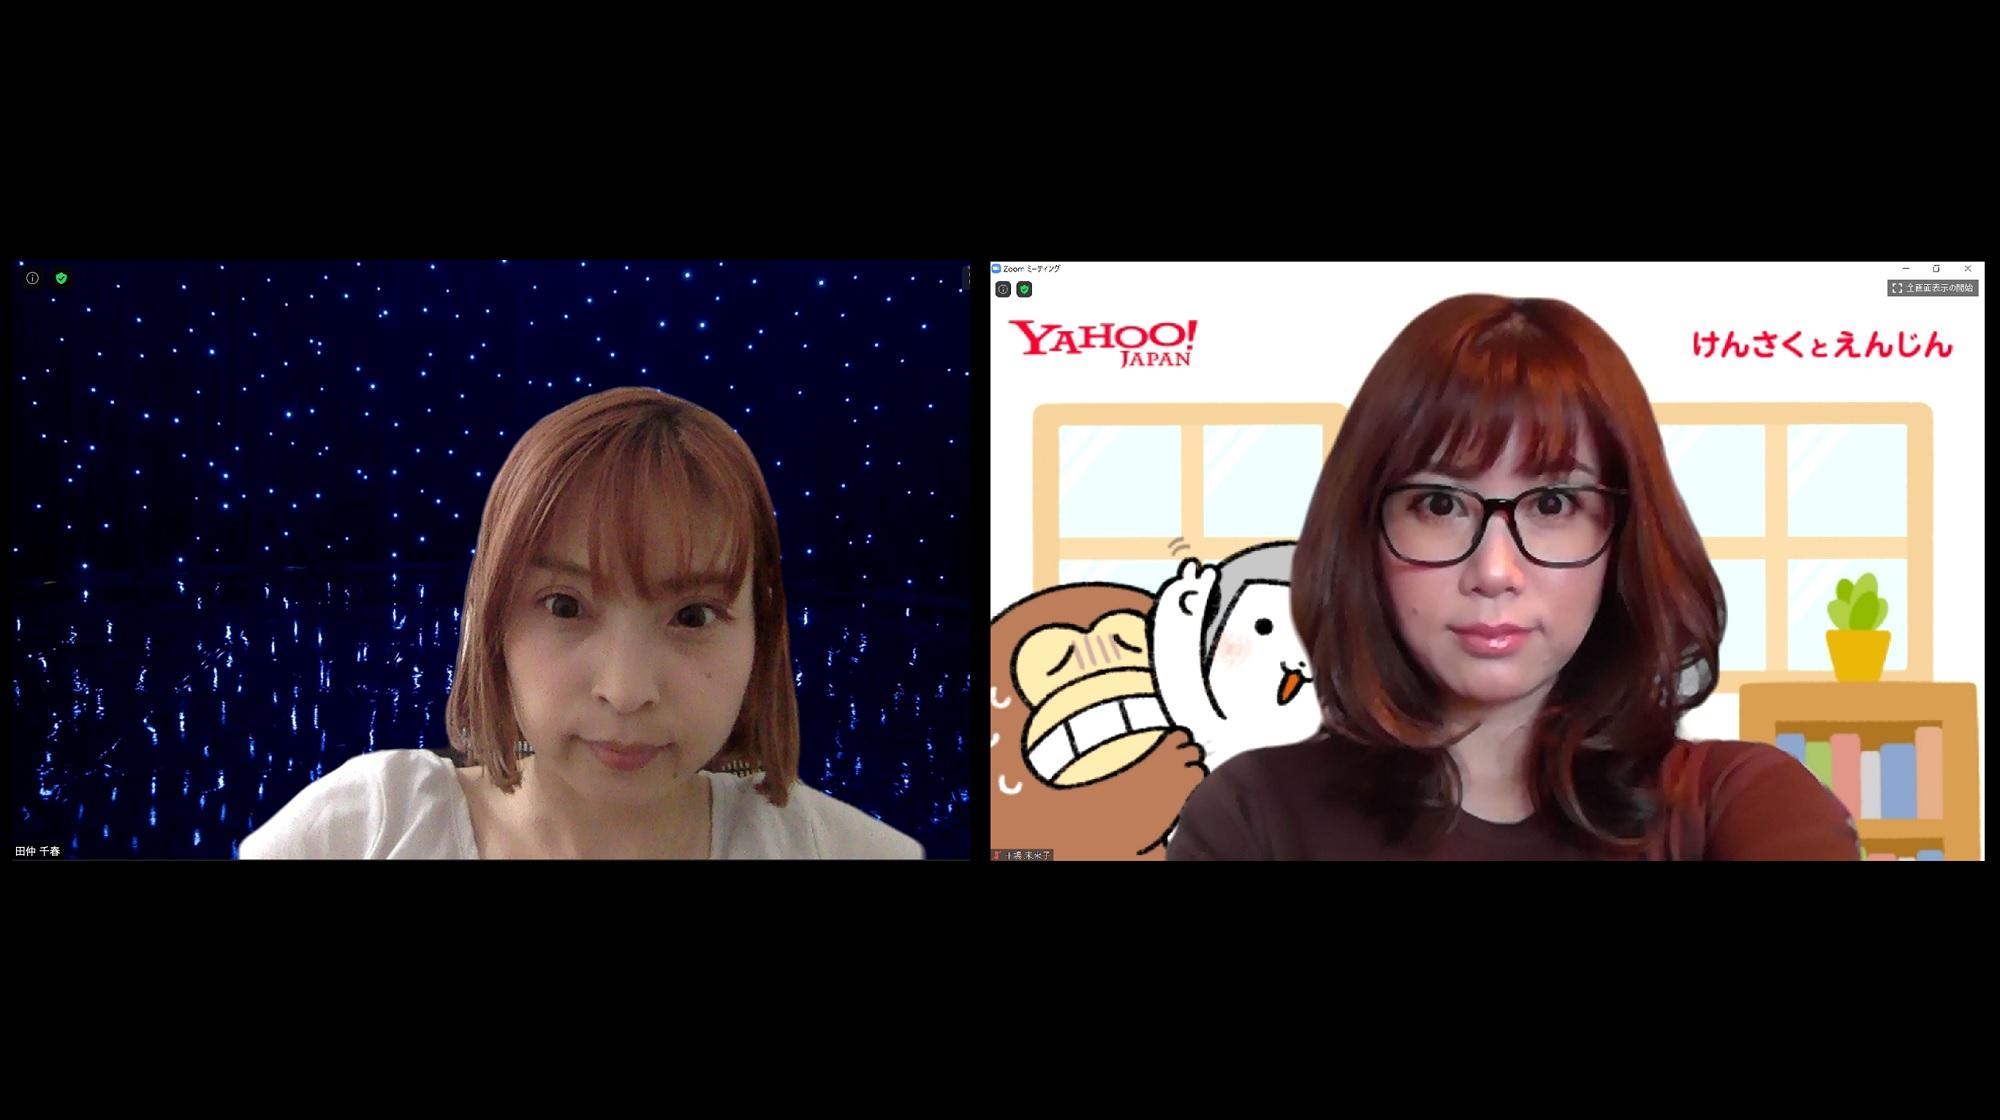 Yahoo! JAPANトップページサービスマネジャーの田仲と干場がウェブ会議システムでインタビューを受けている様子の写真